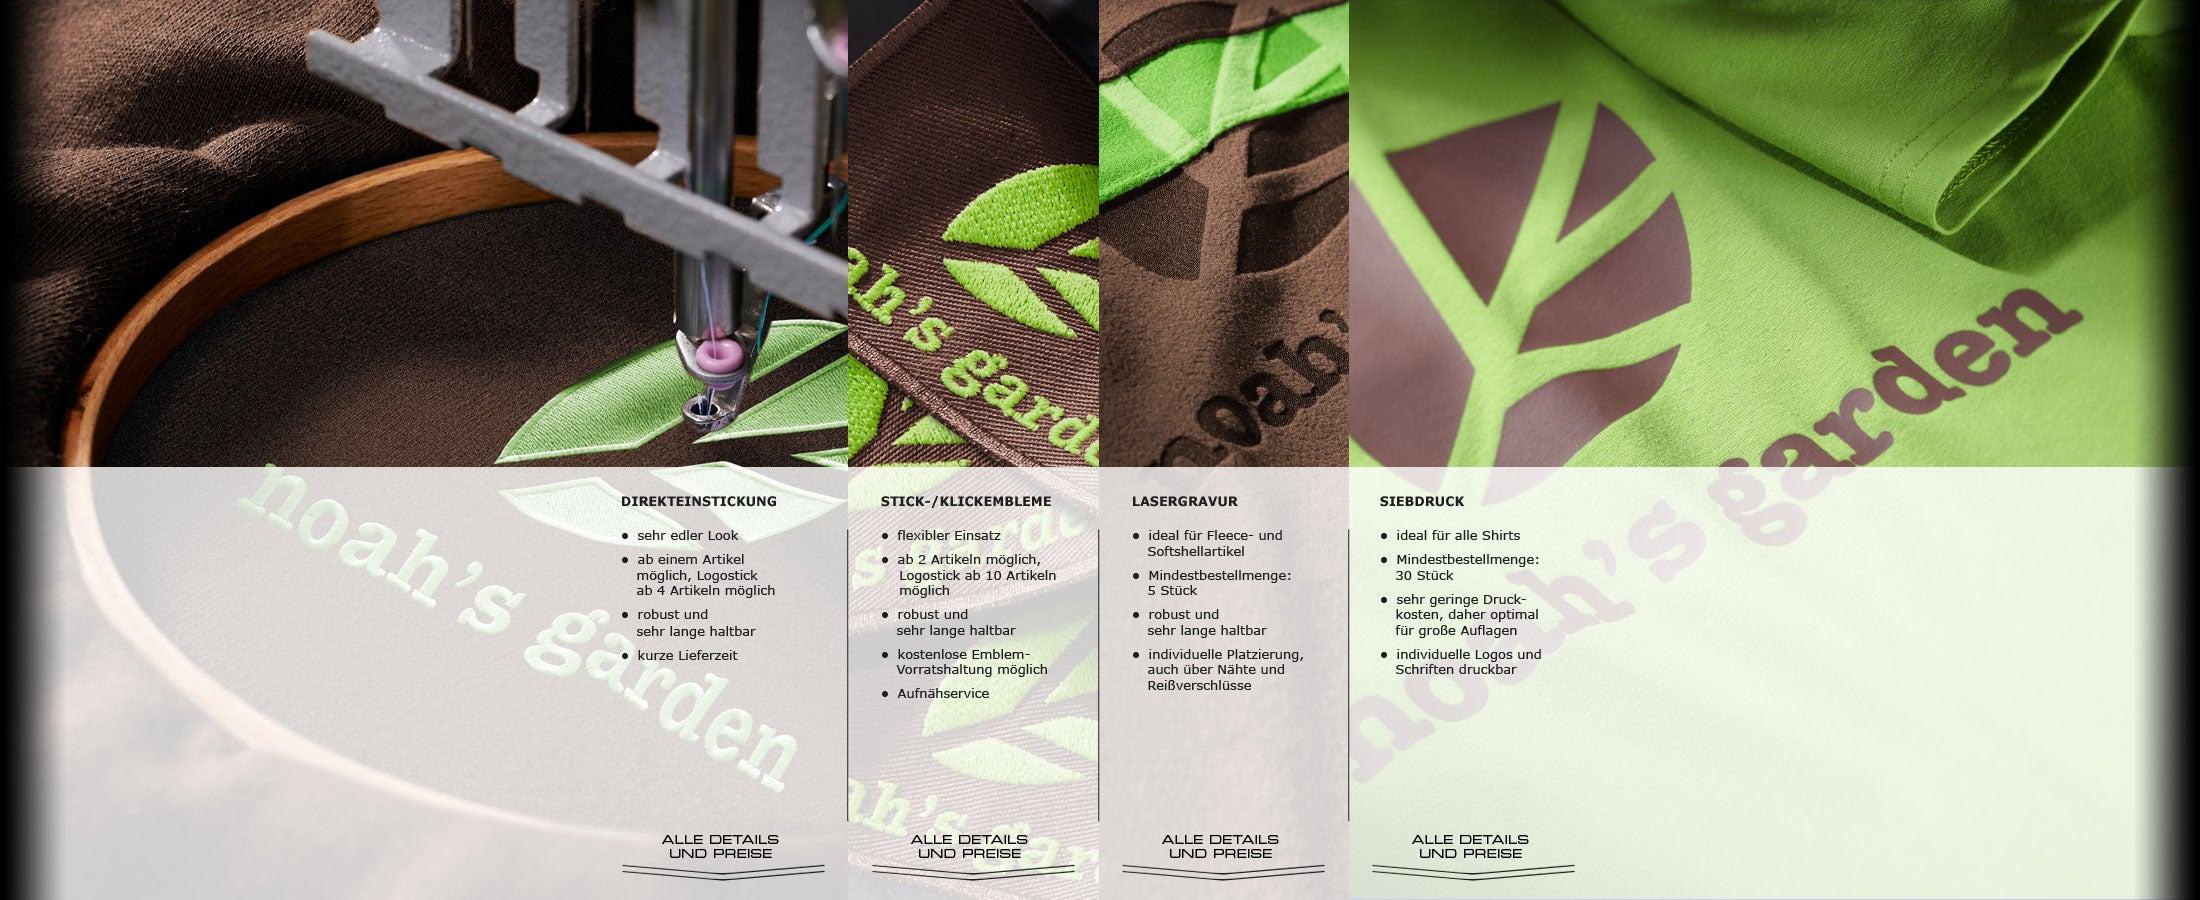 transferdruck von logos firmennamen bei engelbert strauss. Black Bedroom Furniture Sets. Home Design Ideas